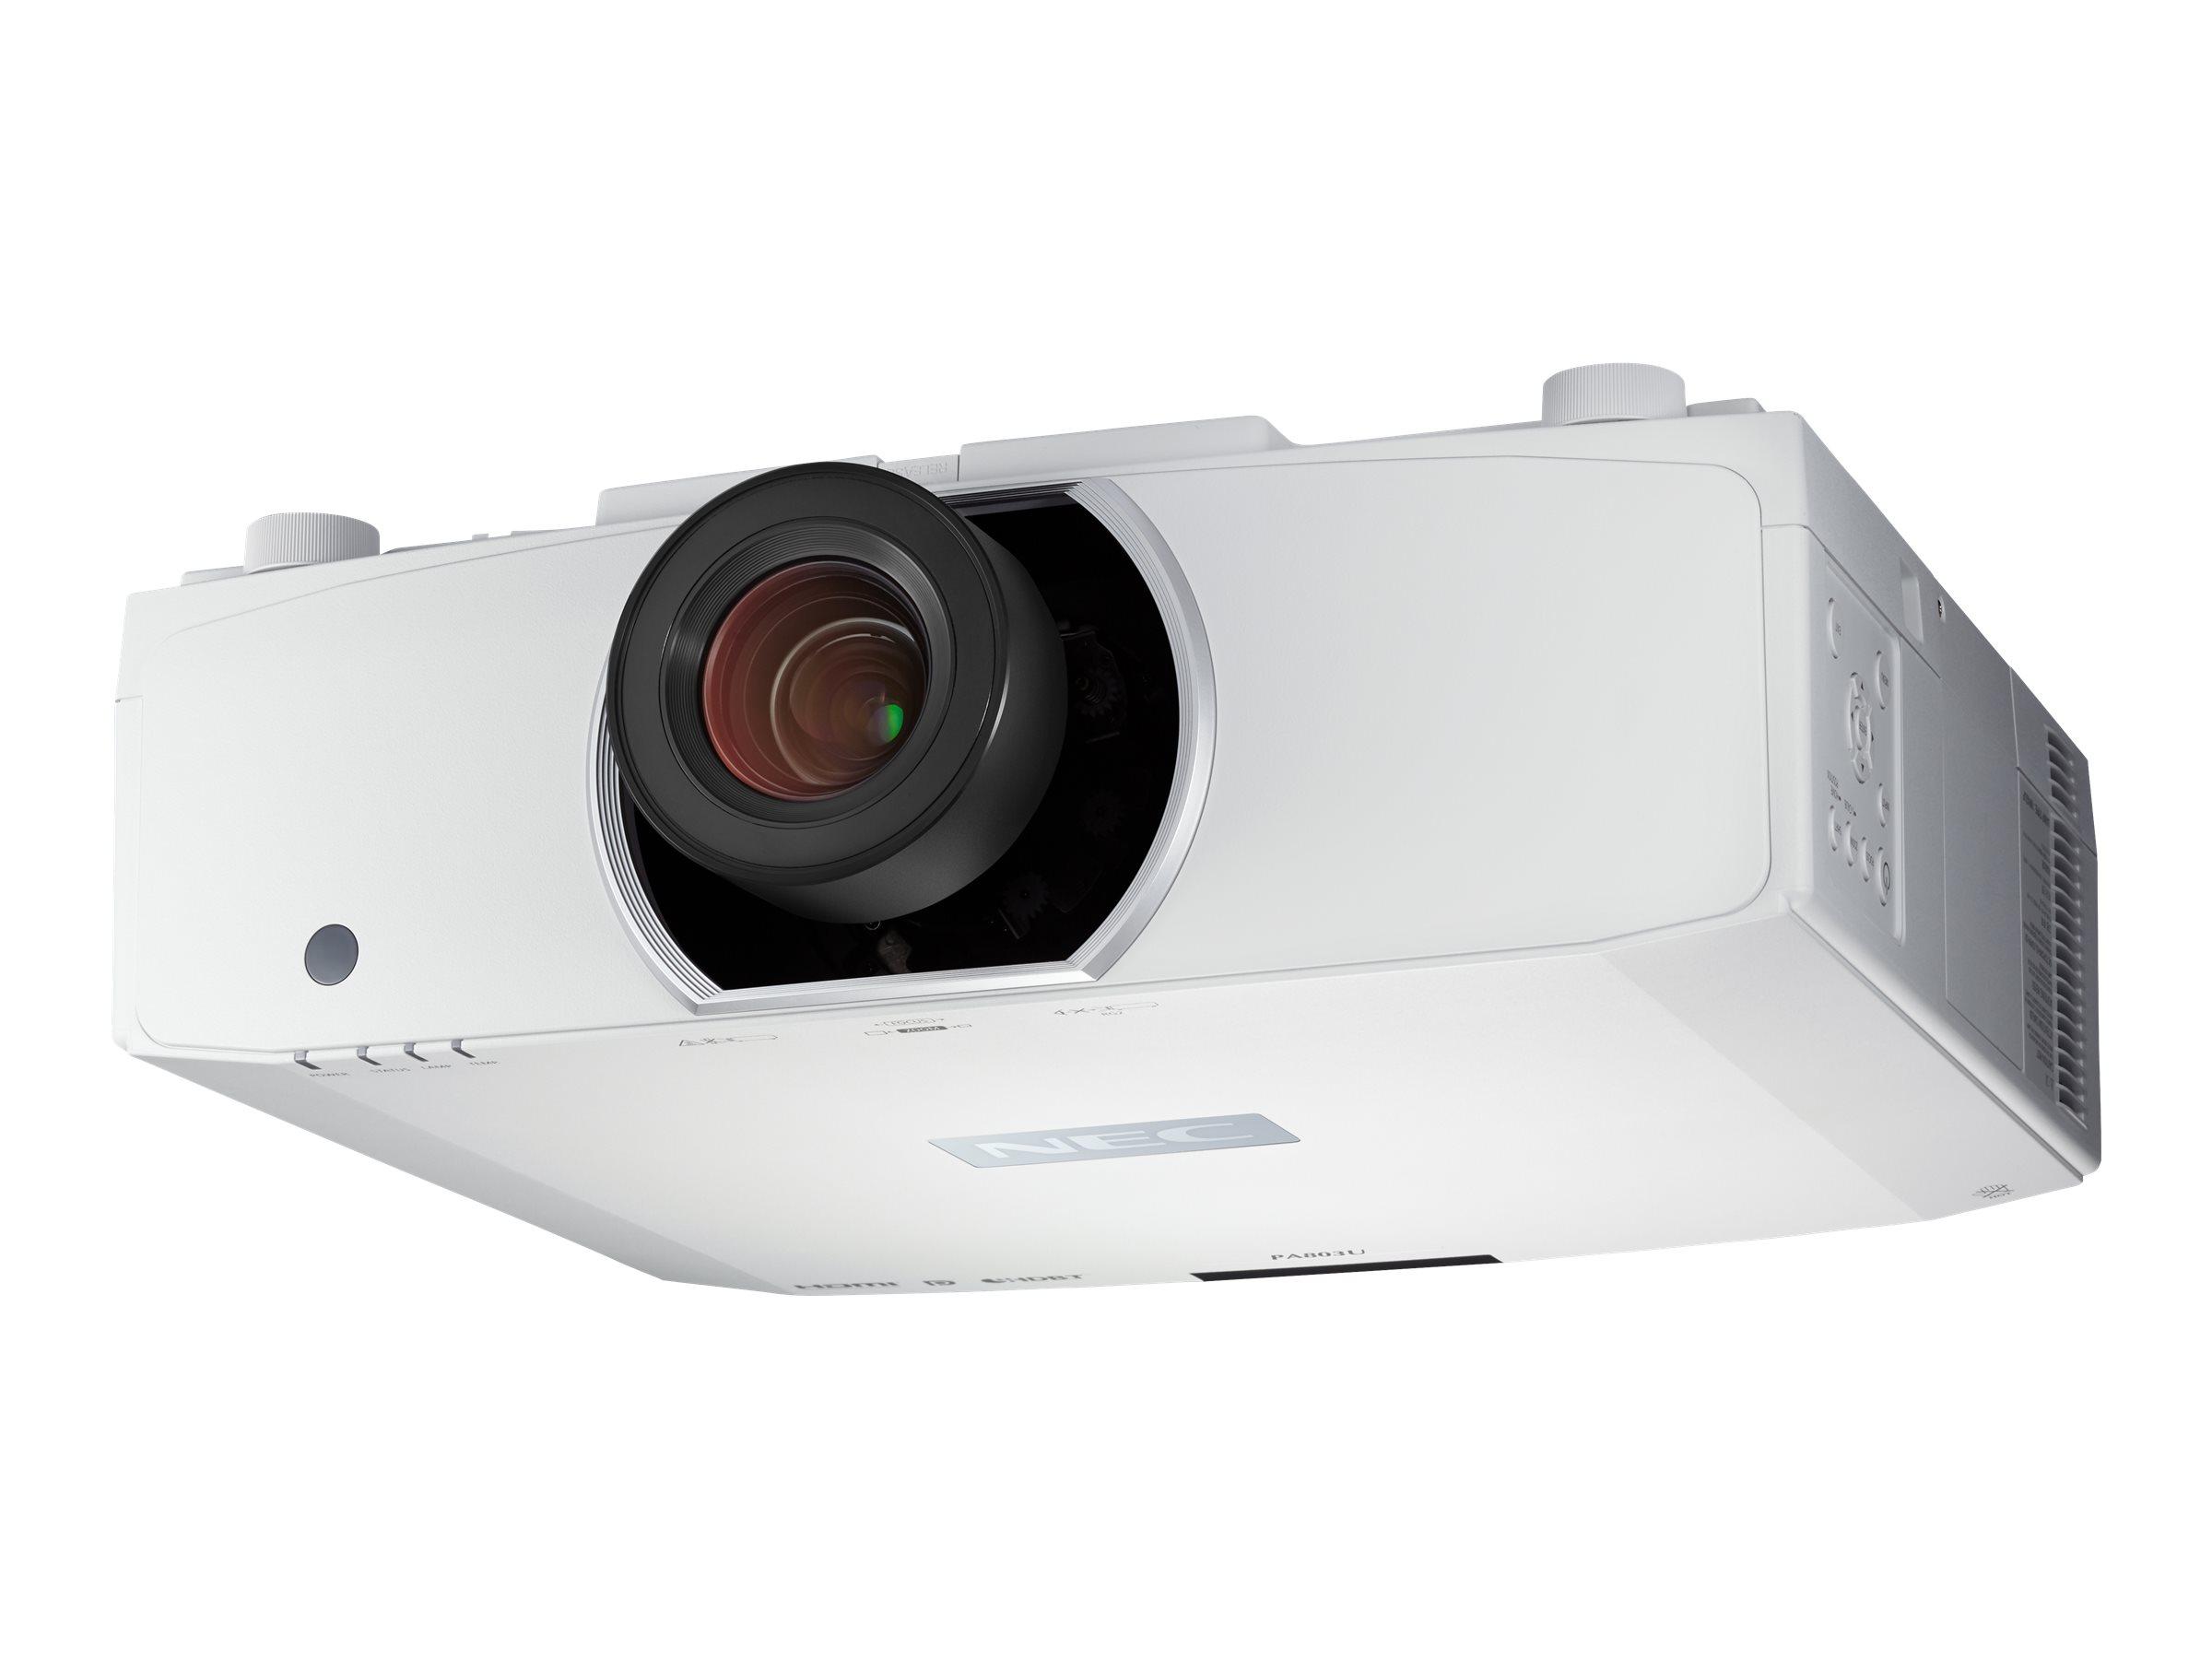 NEC PA653U - 3-LCD-Projektor - 3D - 6500 ANSI-Lumen - WUXGA (1920 x 1200) - 16:10